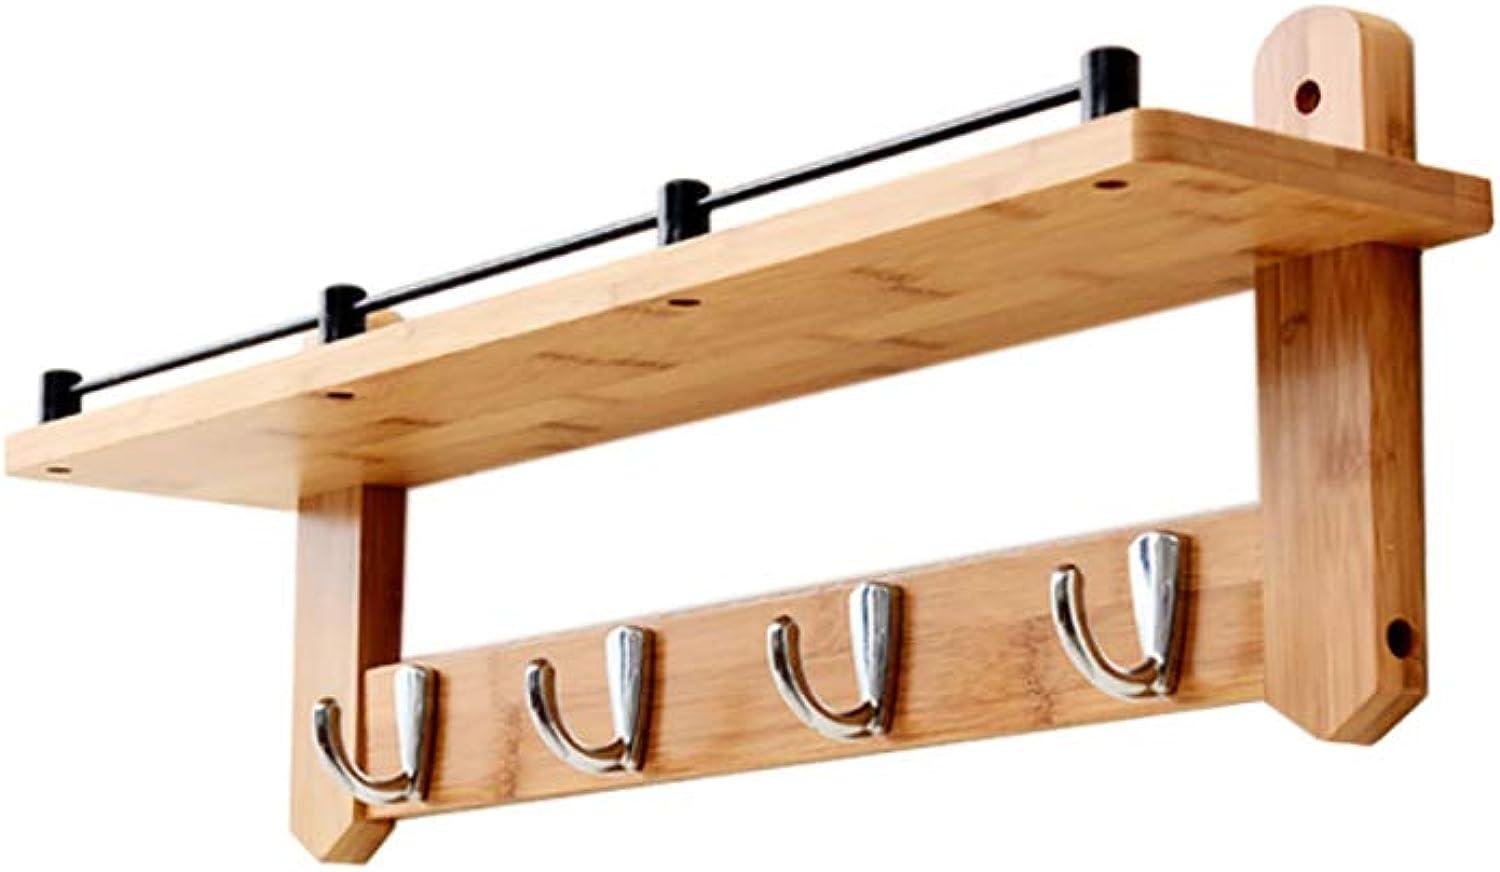 Coat Rack Bedroom Solid Wood Coat Rack Wall Hanger Living Room Storage Hook (Size   56  12  20cm)